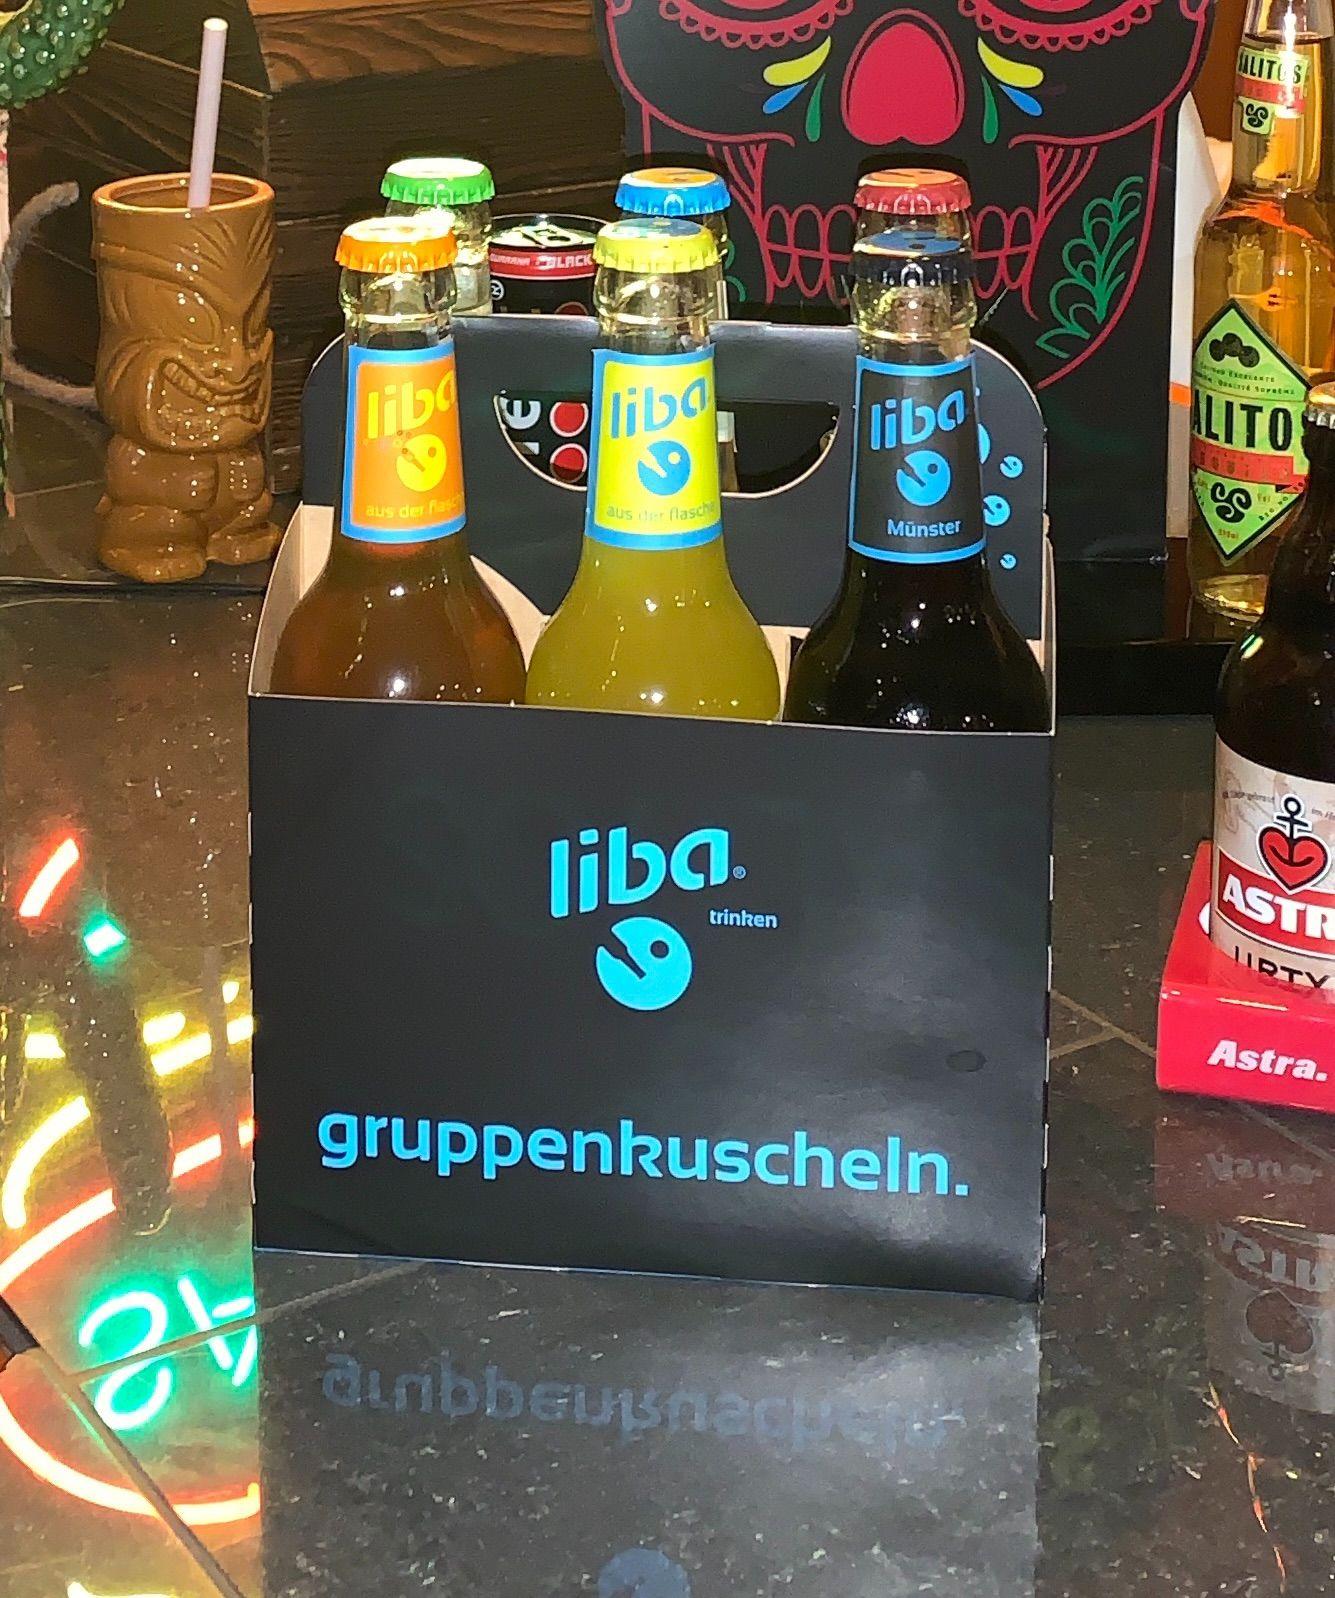 LIBA Limo aus Münster zum Mitnehmen - Getränke